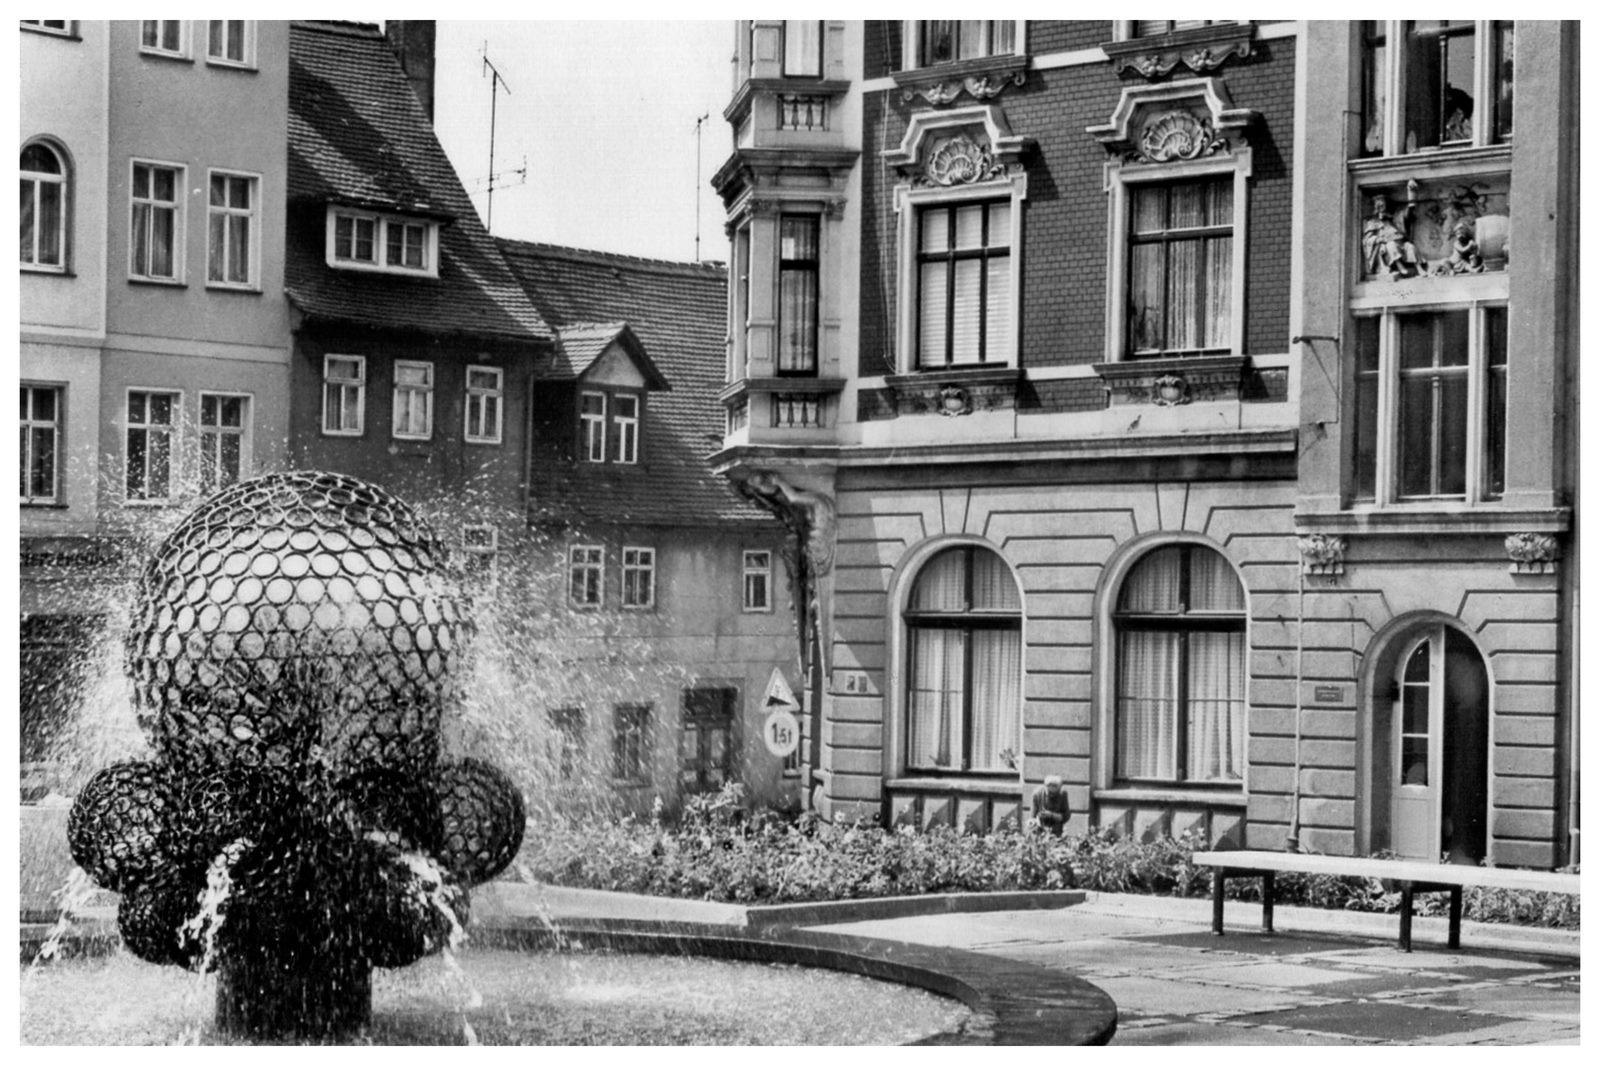 Zuckerpfad Station 6 - Der Neumarkt - Zeitz Meine Region